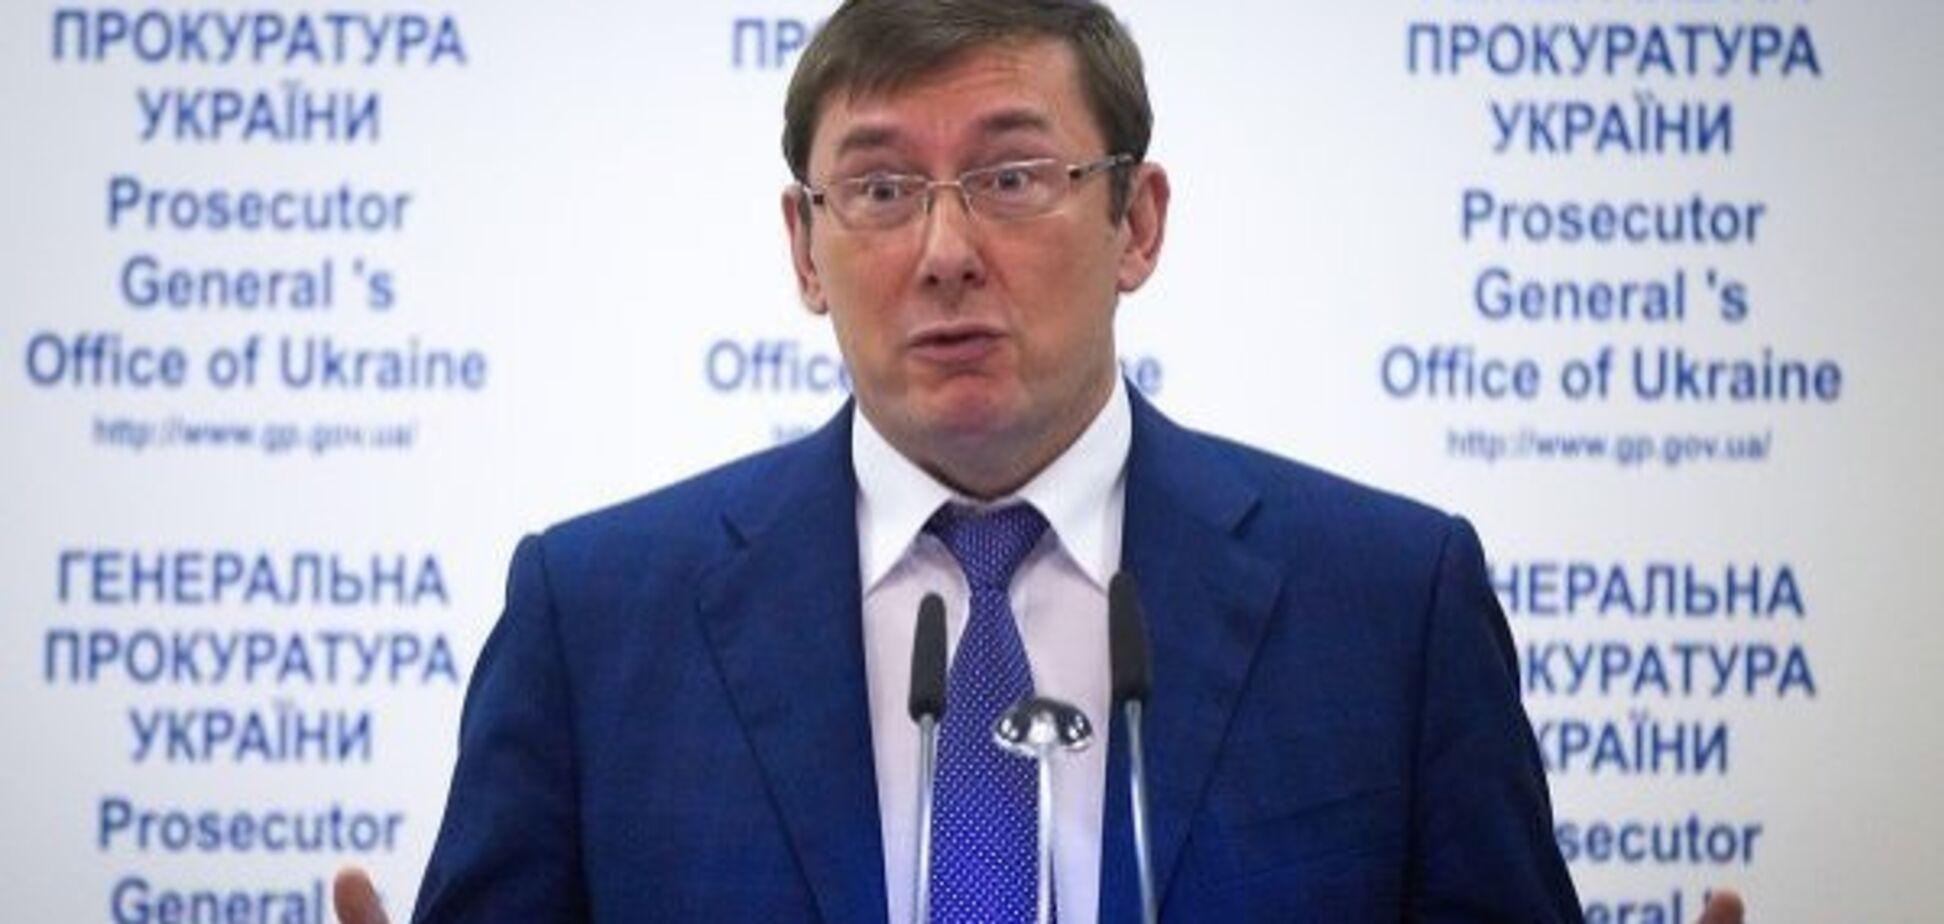 Взрывы в Калиновке: Луценко выступил с громким заявлением о причинах трагедии